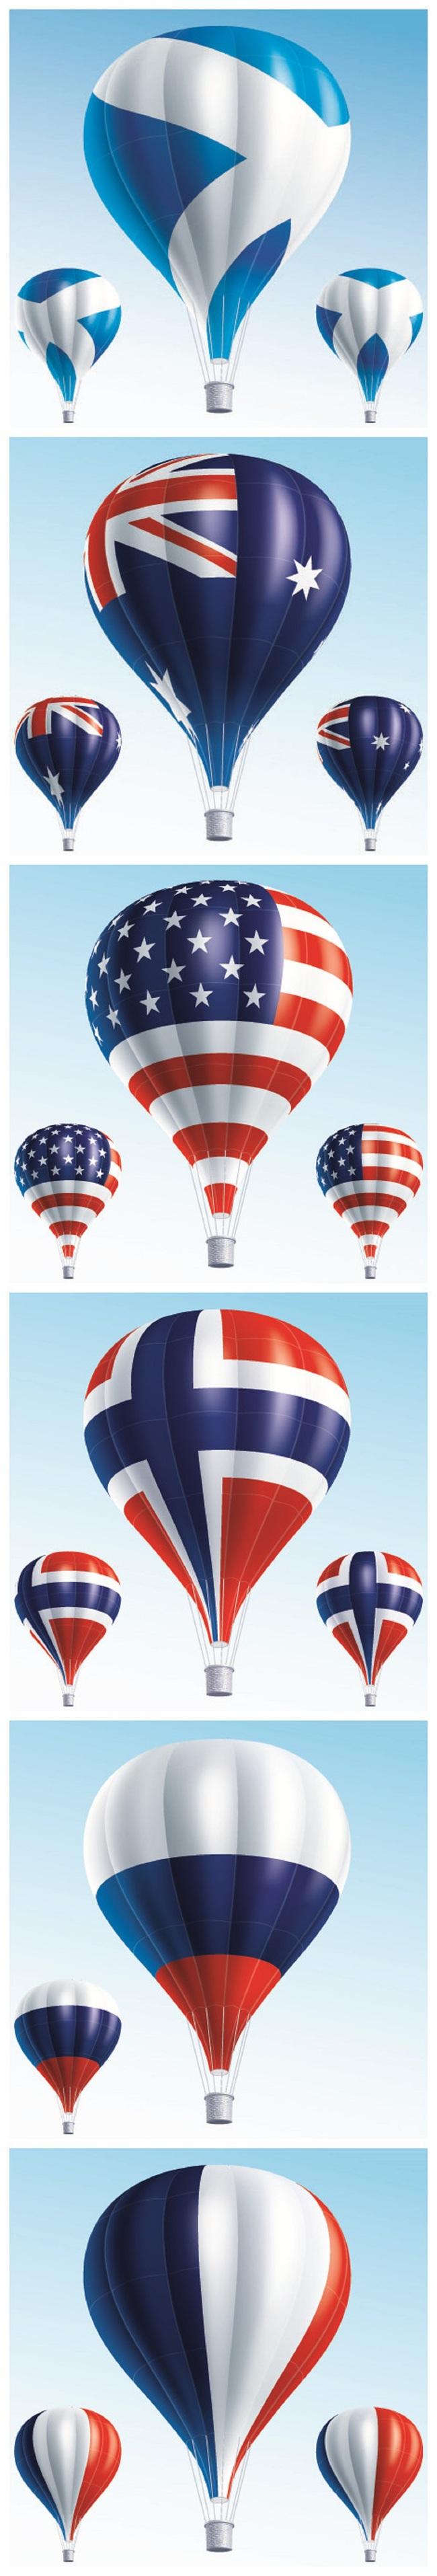 时尚潮流创意国旗热气球设计图标矢量素材